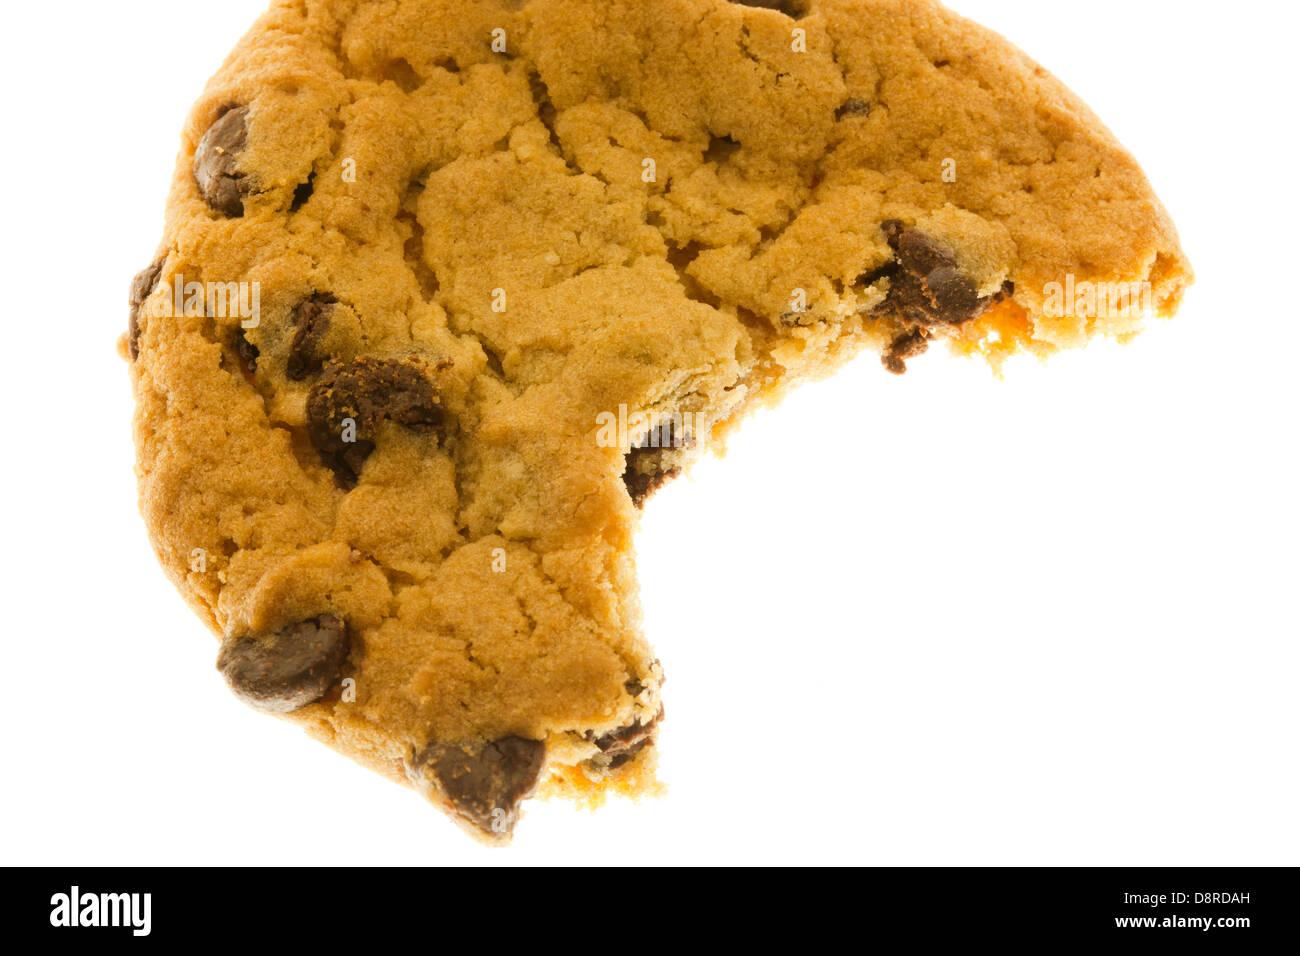 La mitad comido chocolate chip cookie Imagen De Stock